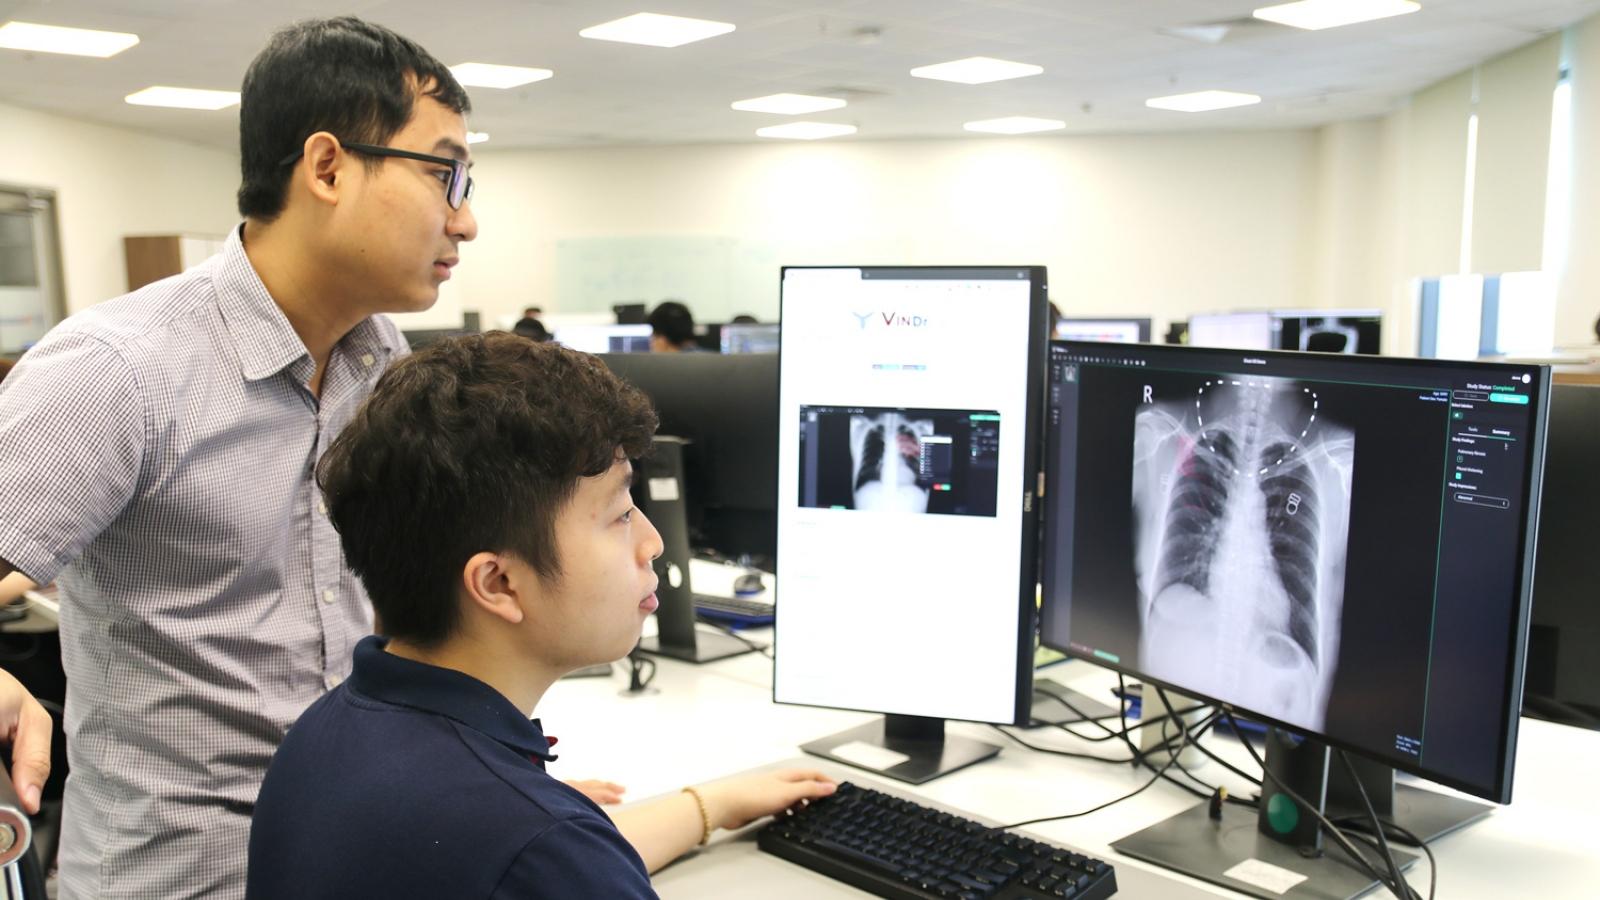 VinBigdata công bố kết quả cuộc thi toàn cầu về ứng dụng AI trong phân tích hình ảnh y tế